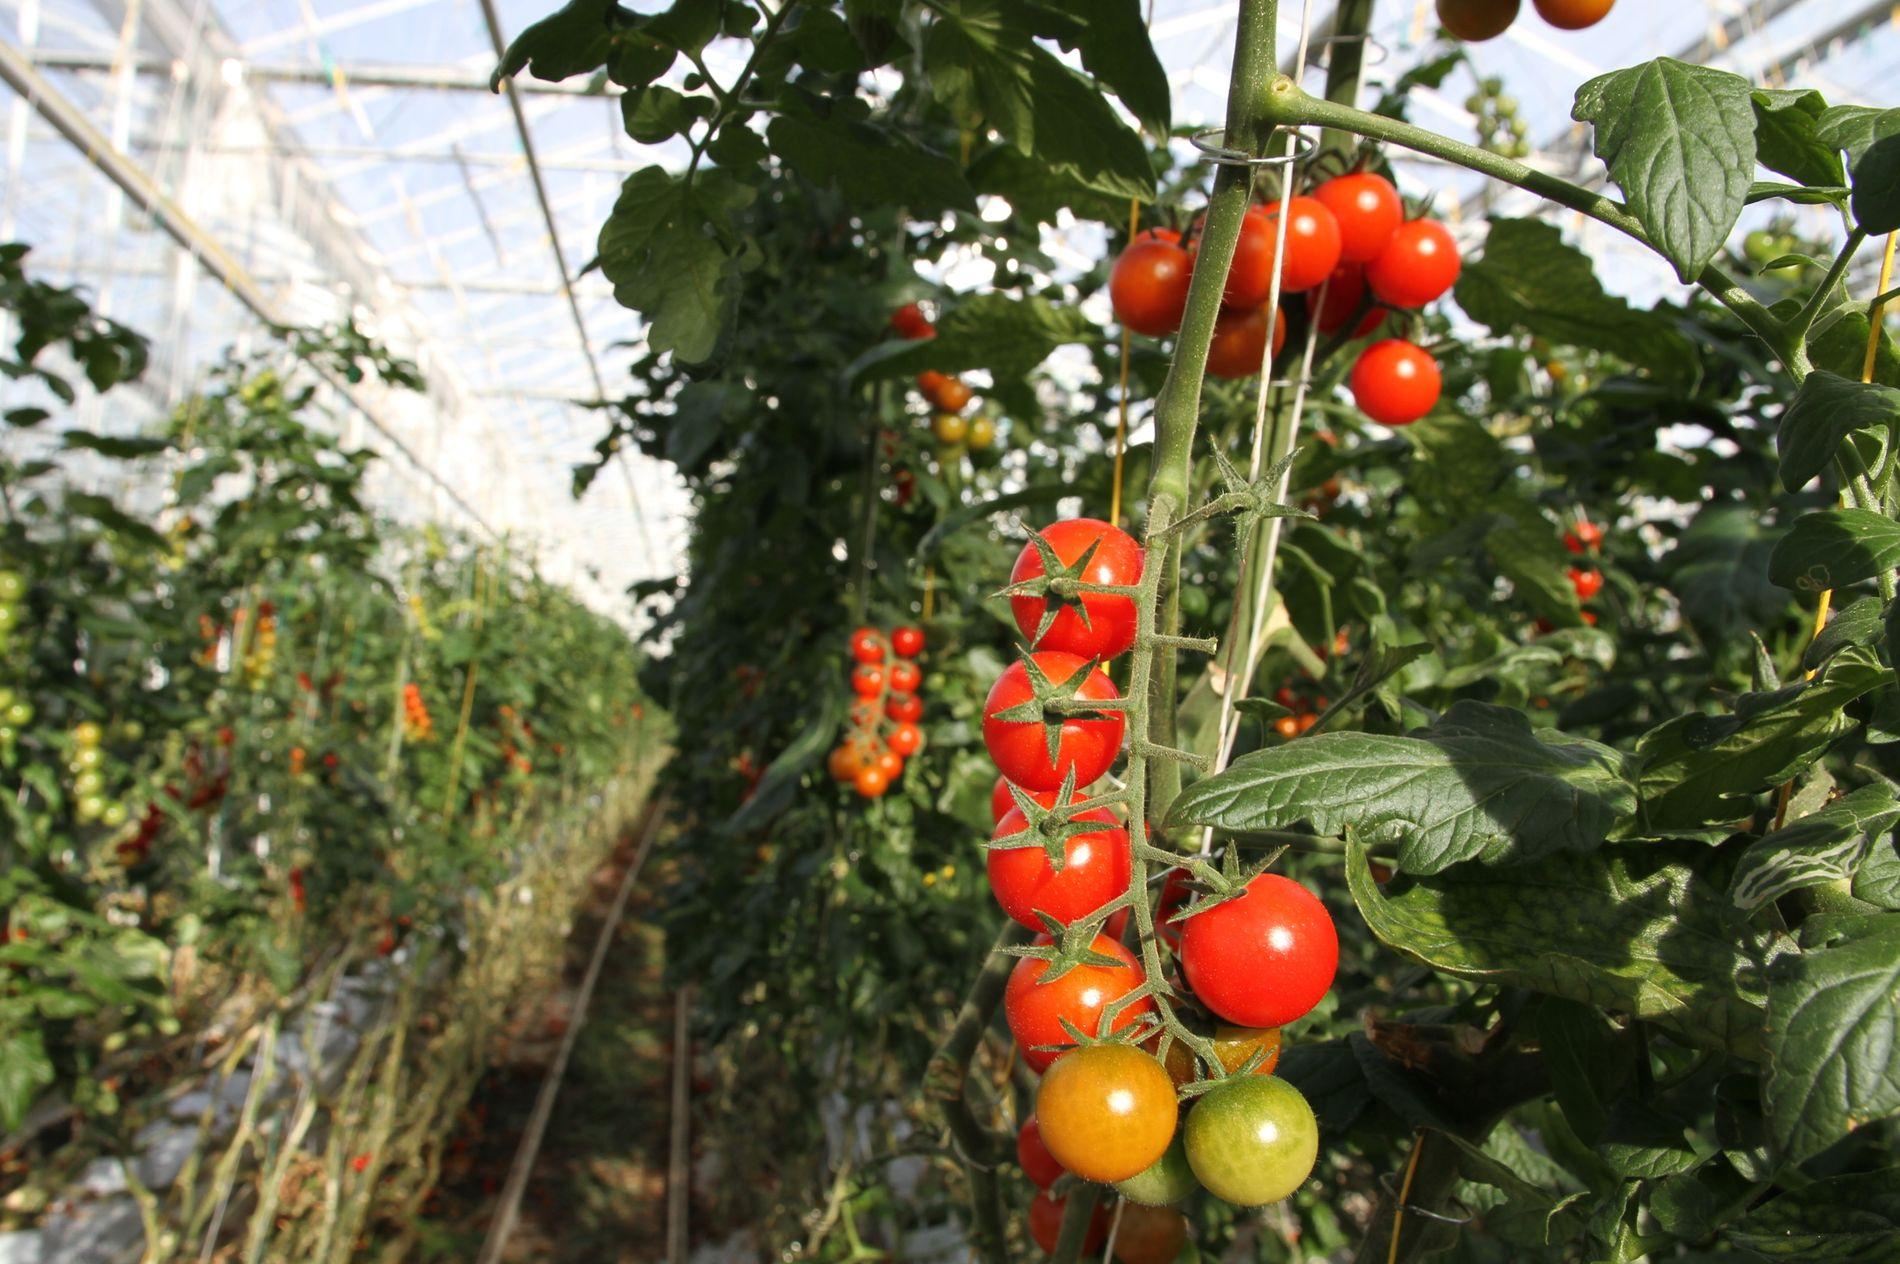 TOMAT PÅ EN TO TRE: Med vekstfremmende CO₂ fra naboen vokser tomater og grønnsaker med stor fart i veksthuset i Hinwil.